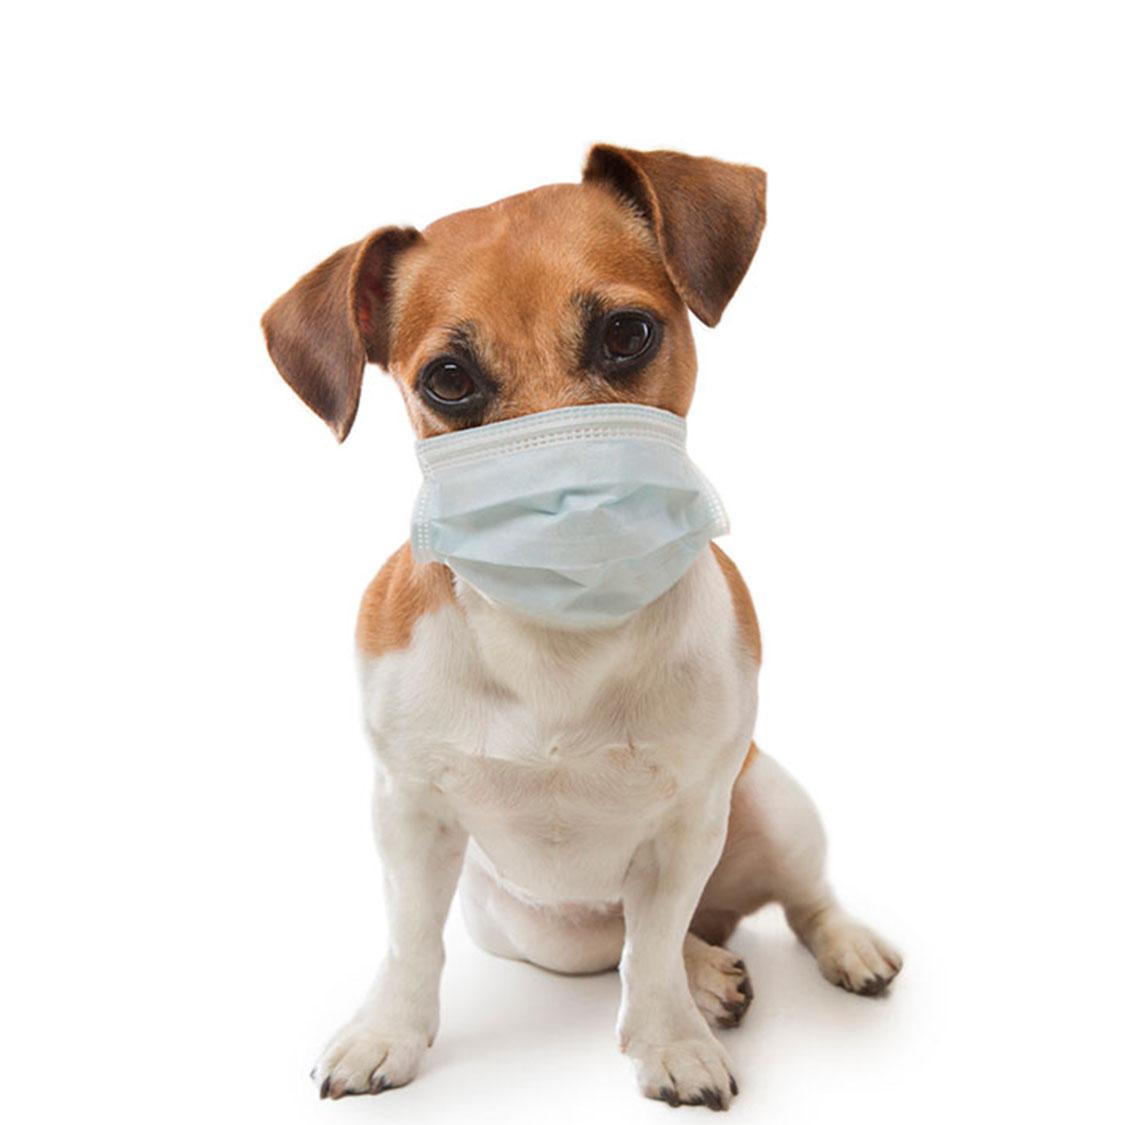 댕댕이 호흡기 질환 주의보